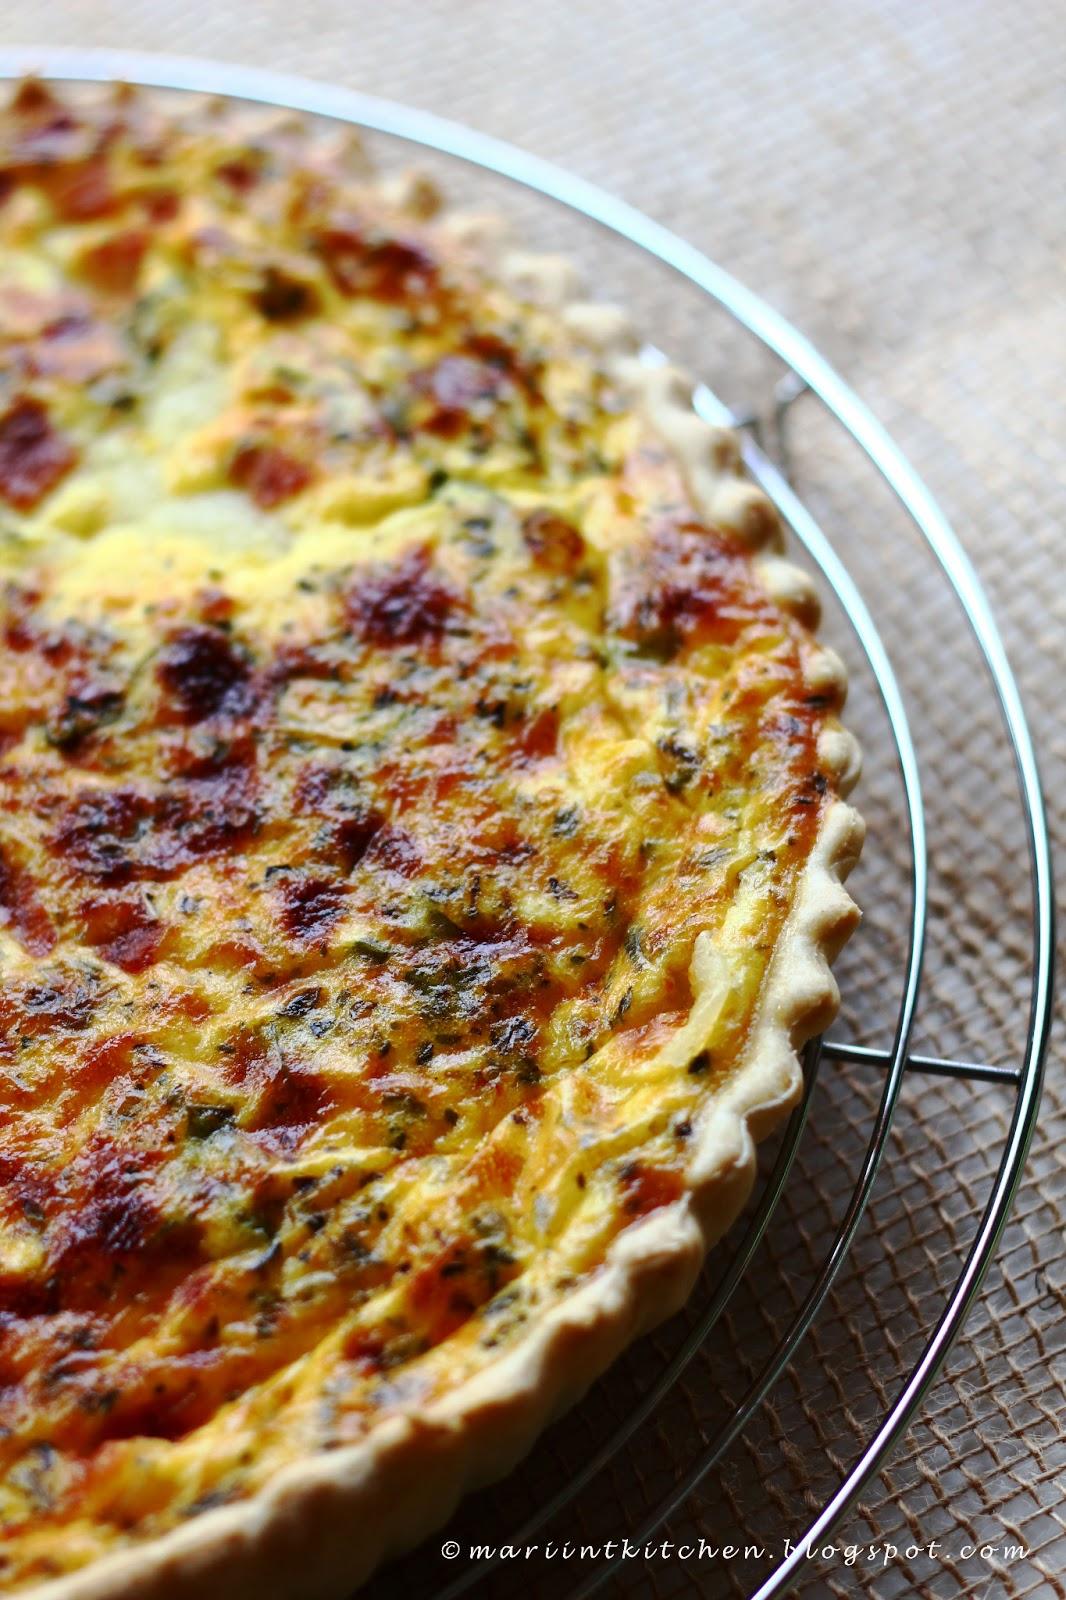 torta salata con pomodoro, mozzarella e...birra!!